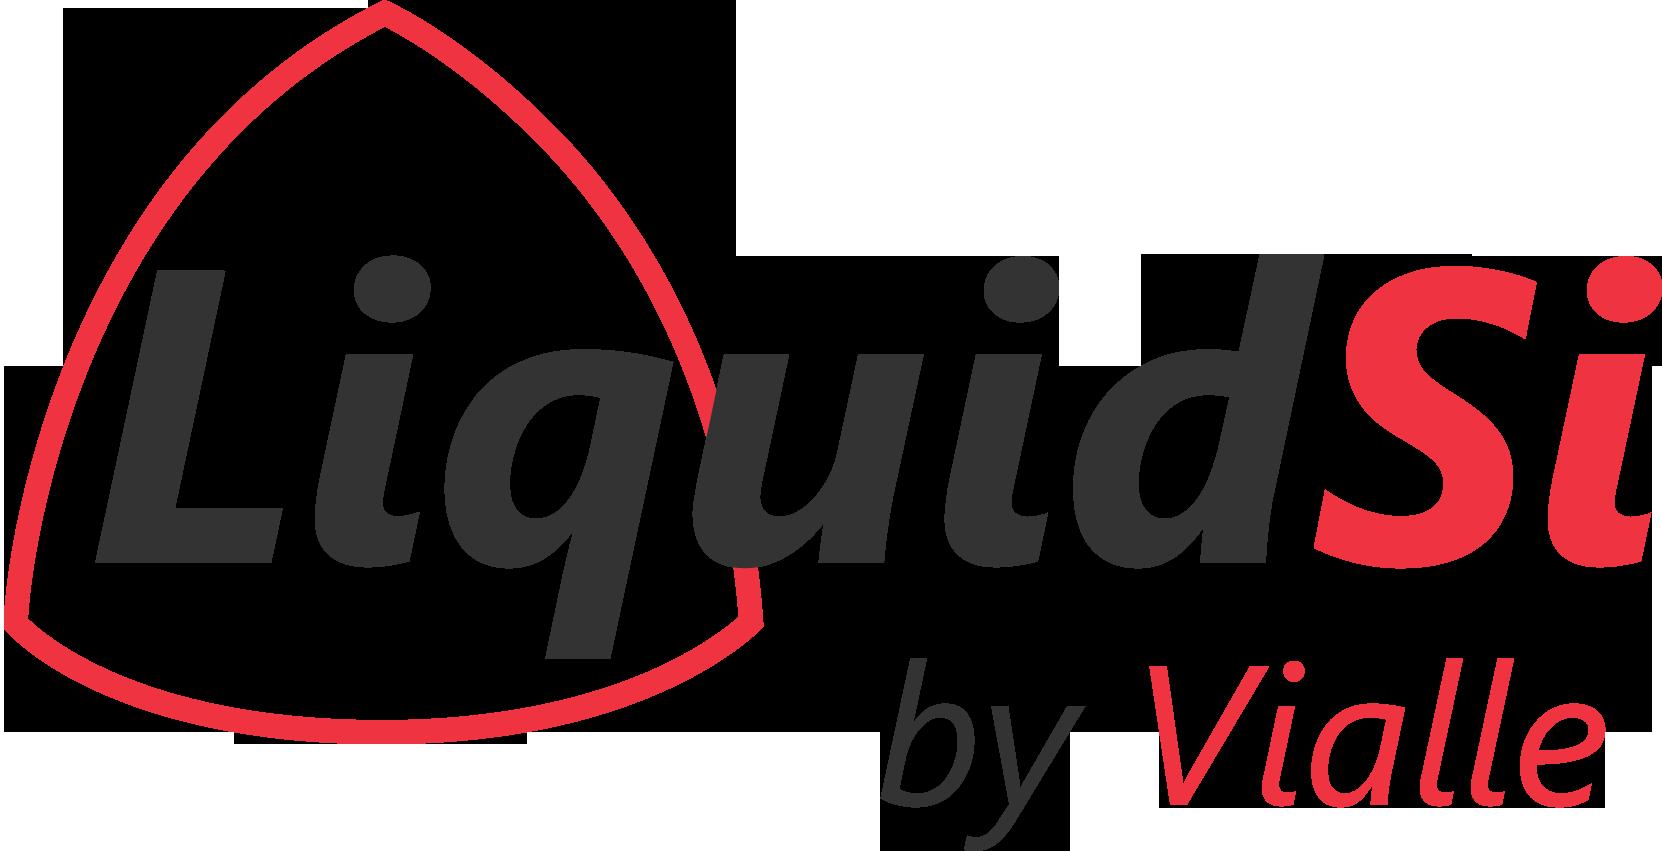 LiquidSi-logo